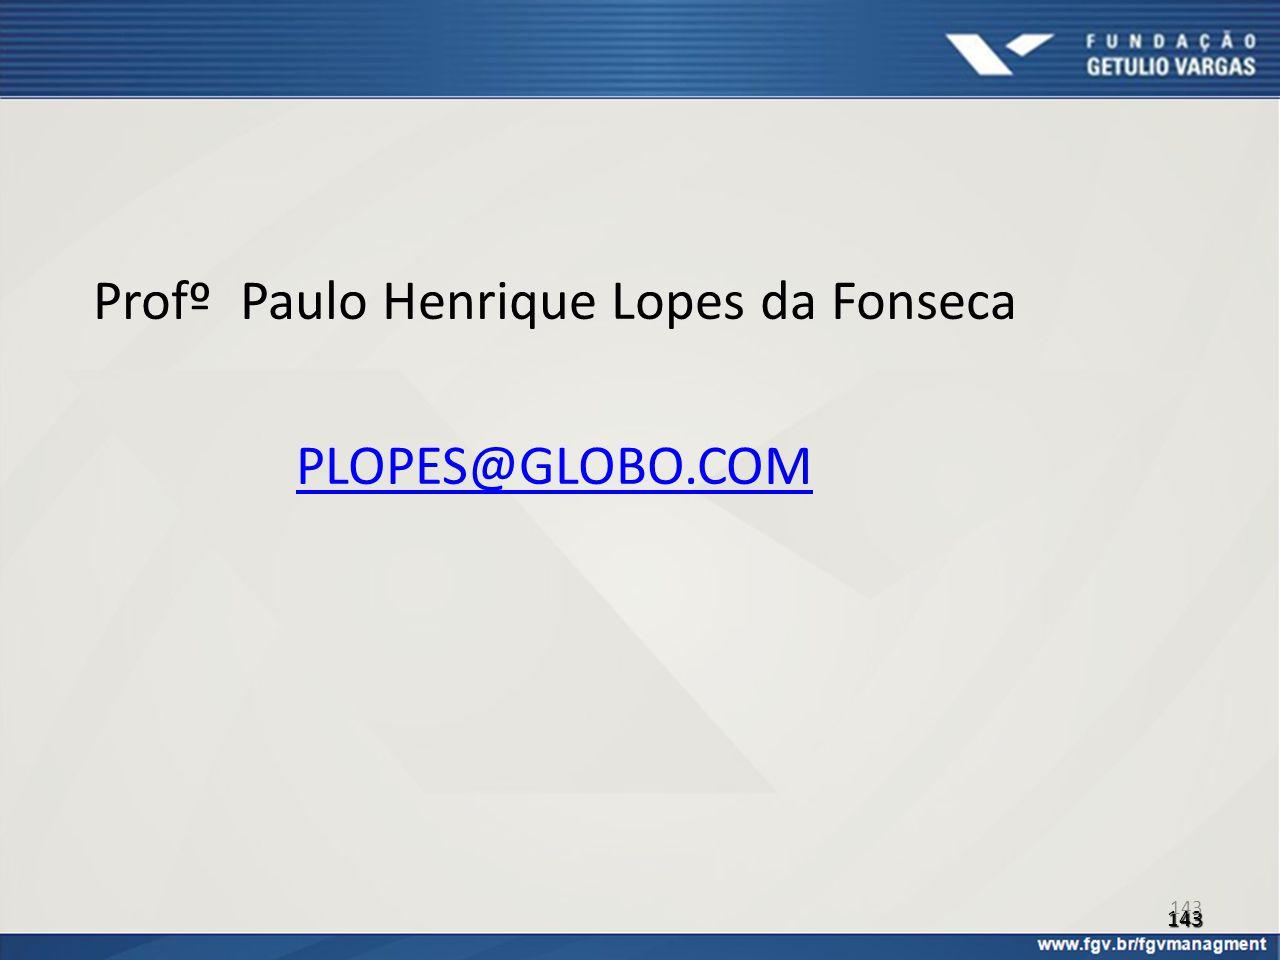 Profº Paulo Henrique Lopes da Fonseca